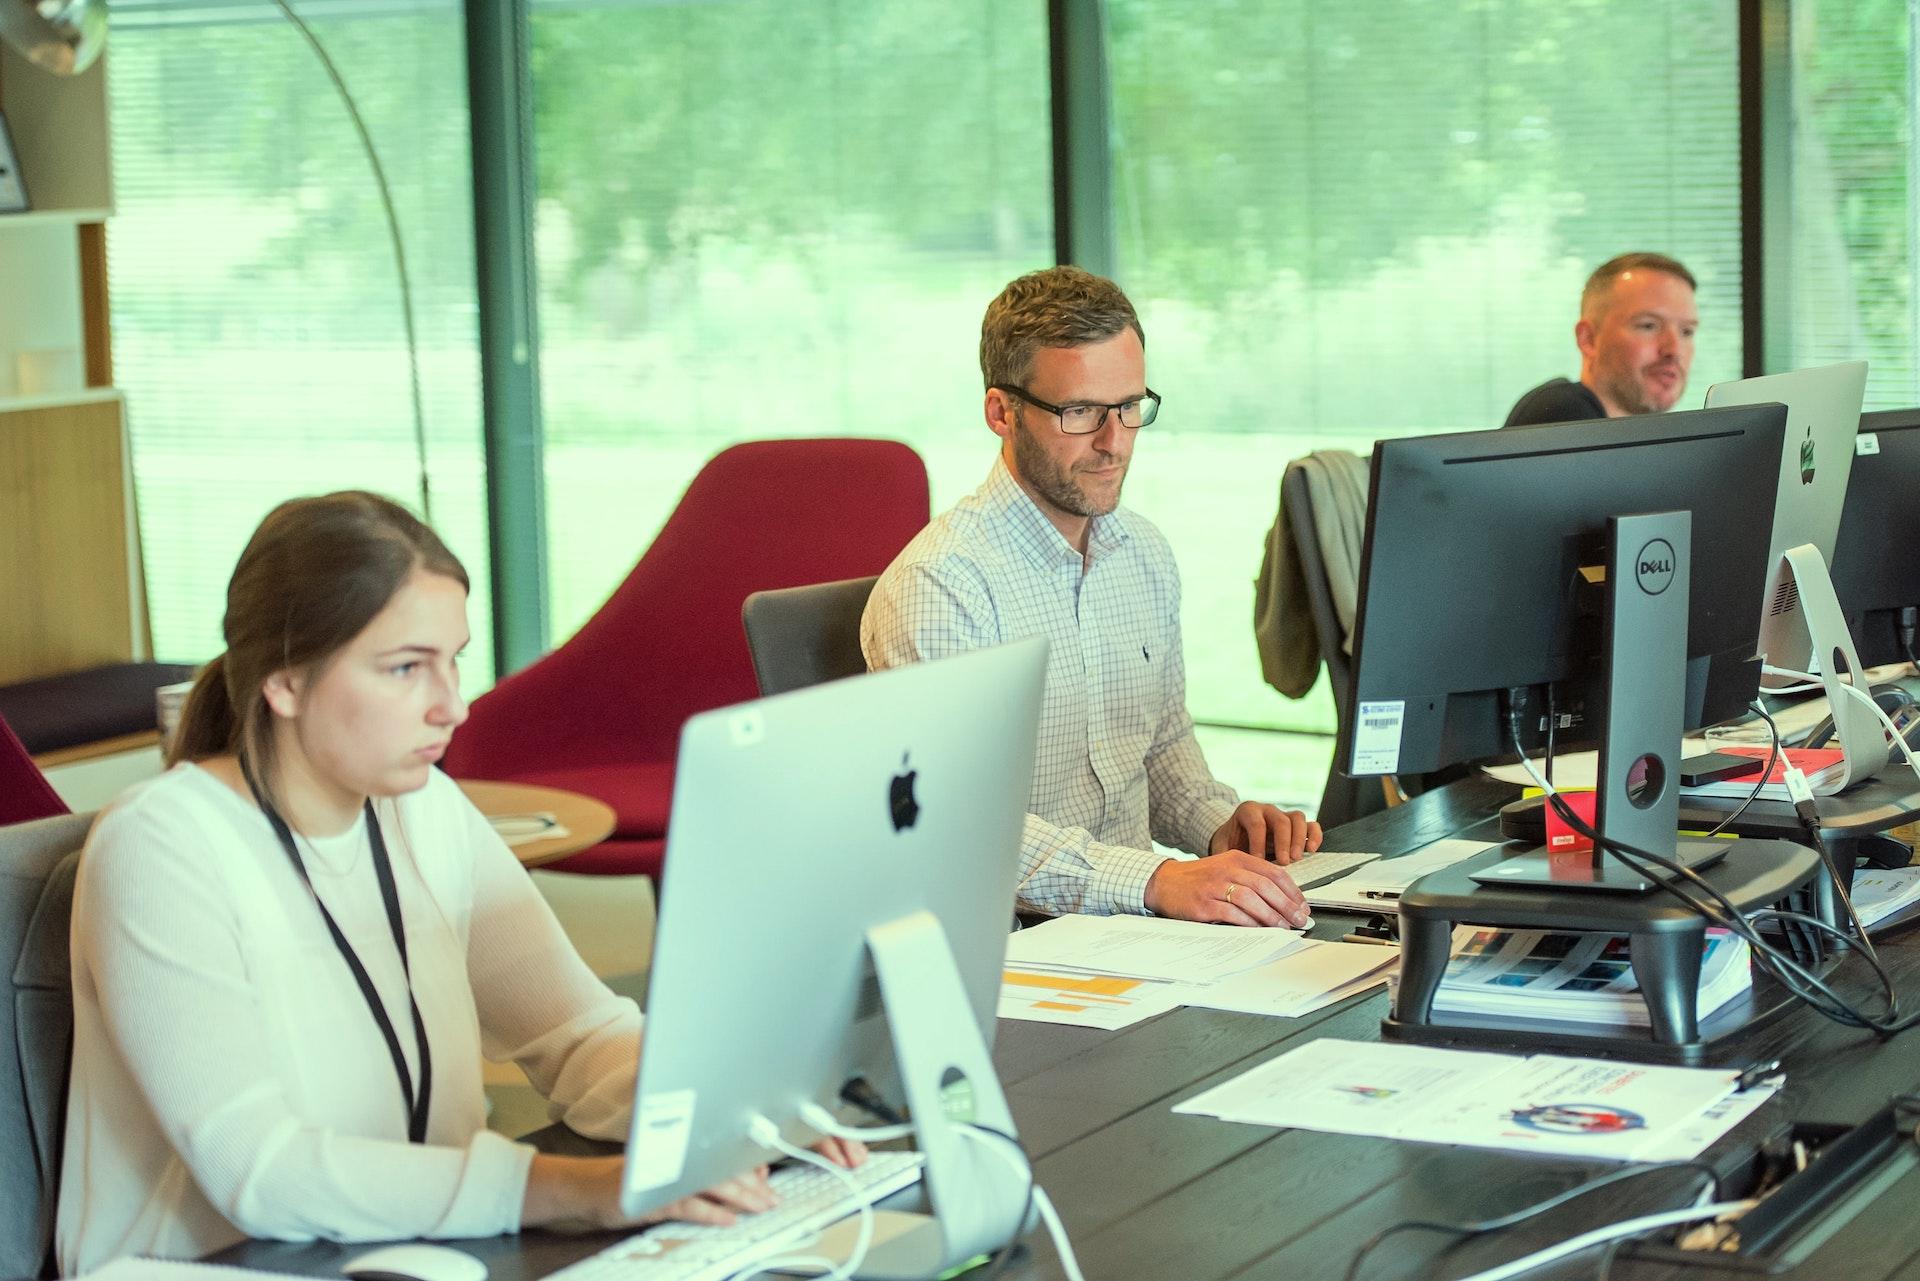 Arbeitsplatzbegehung - Wir beleuchten ergonomische Aspekte und Verhaltensgewohnheiten!